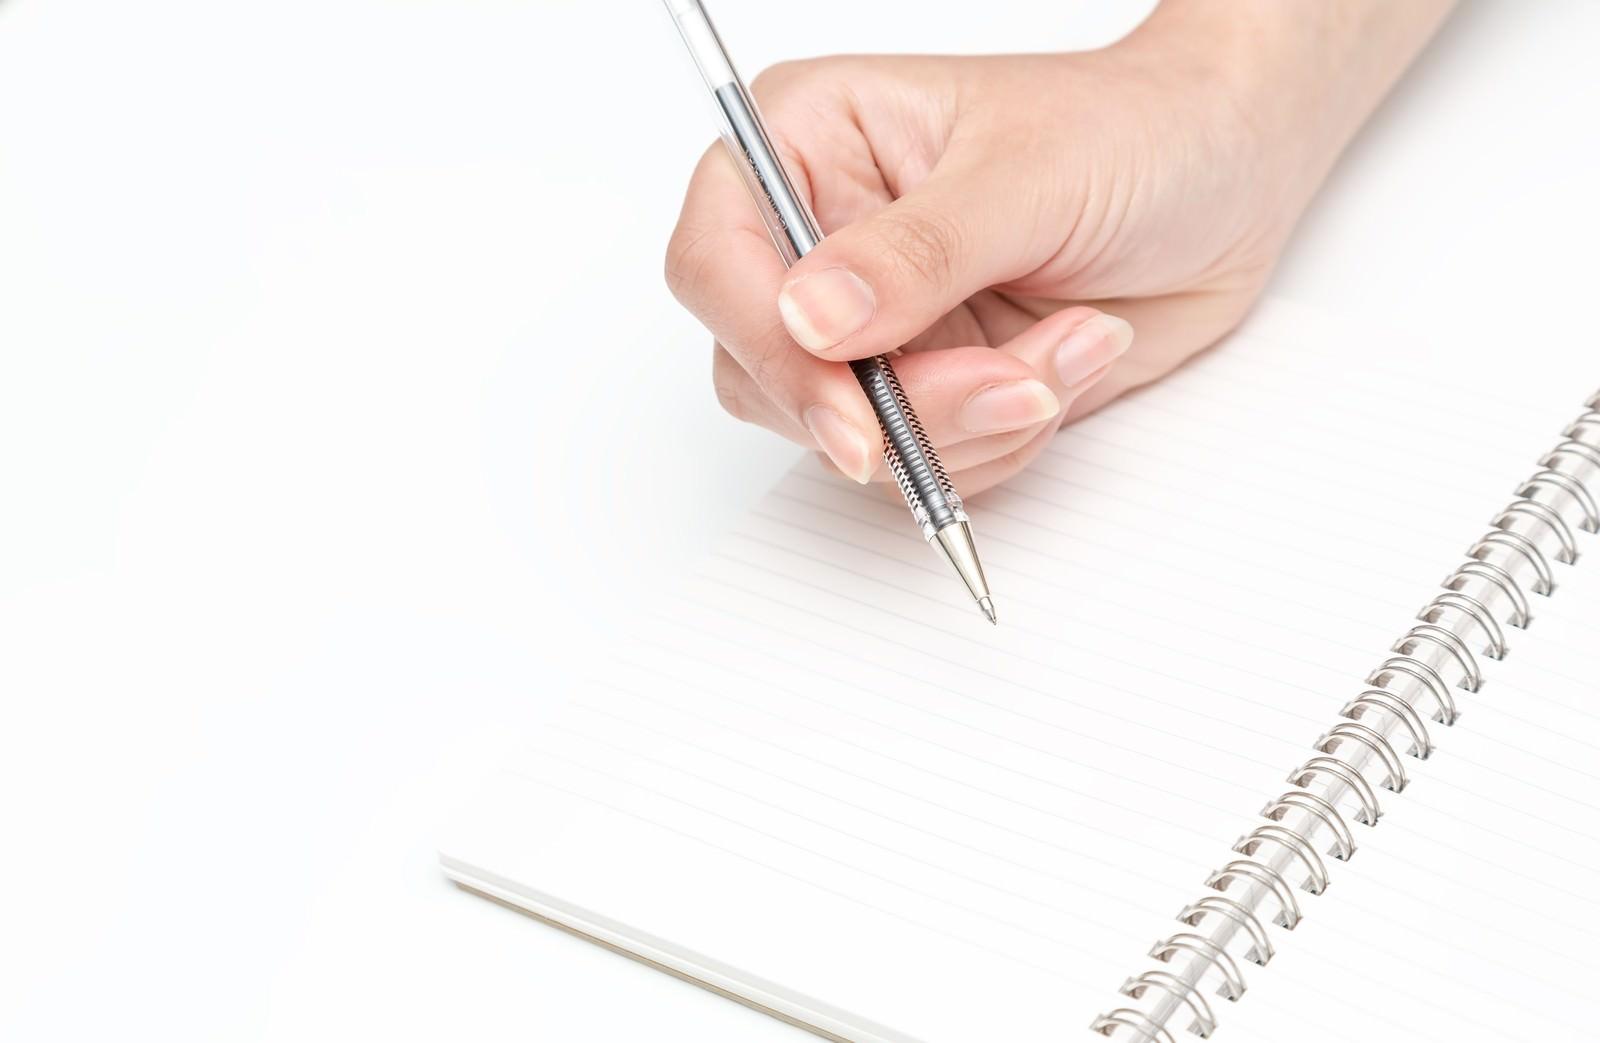 「ペンを握る手とノート」の写真